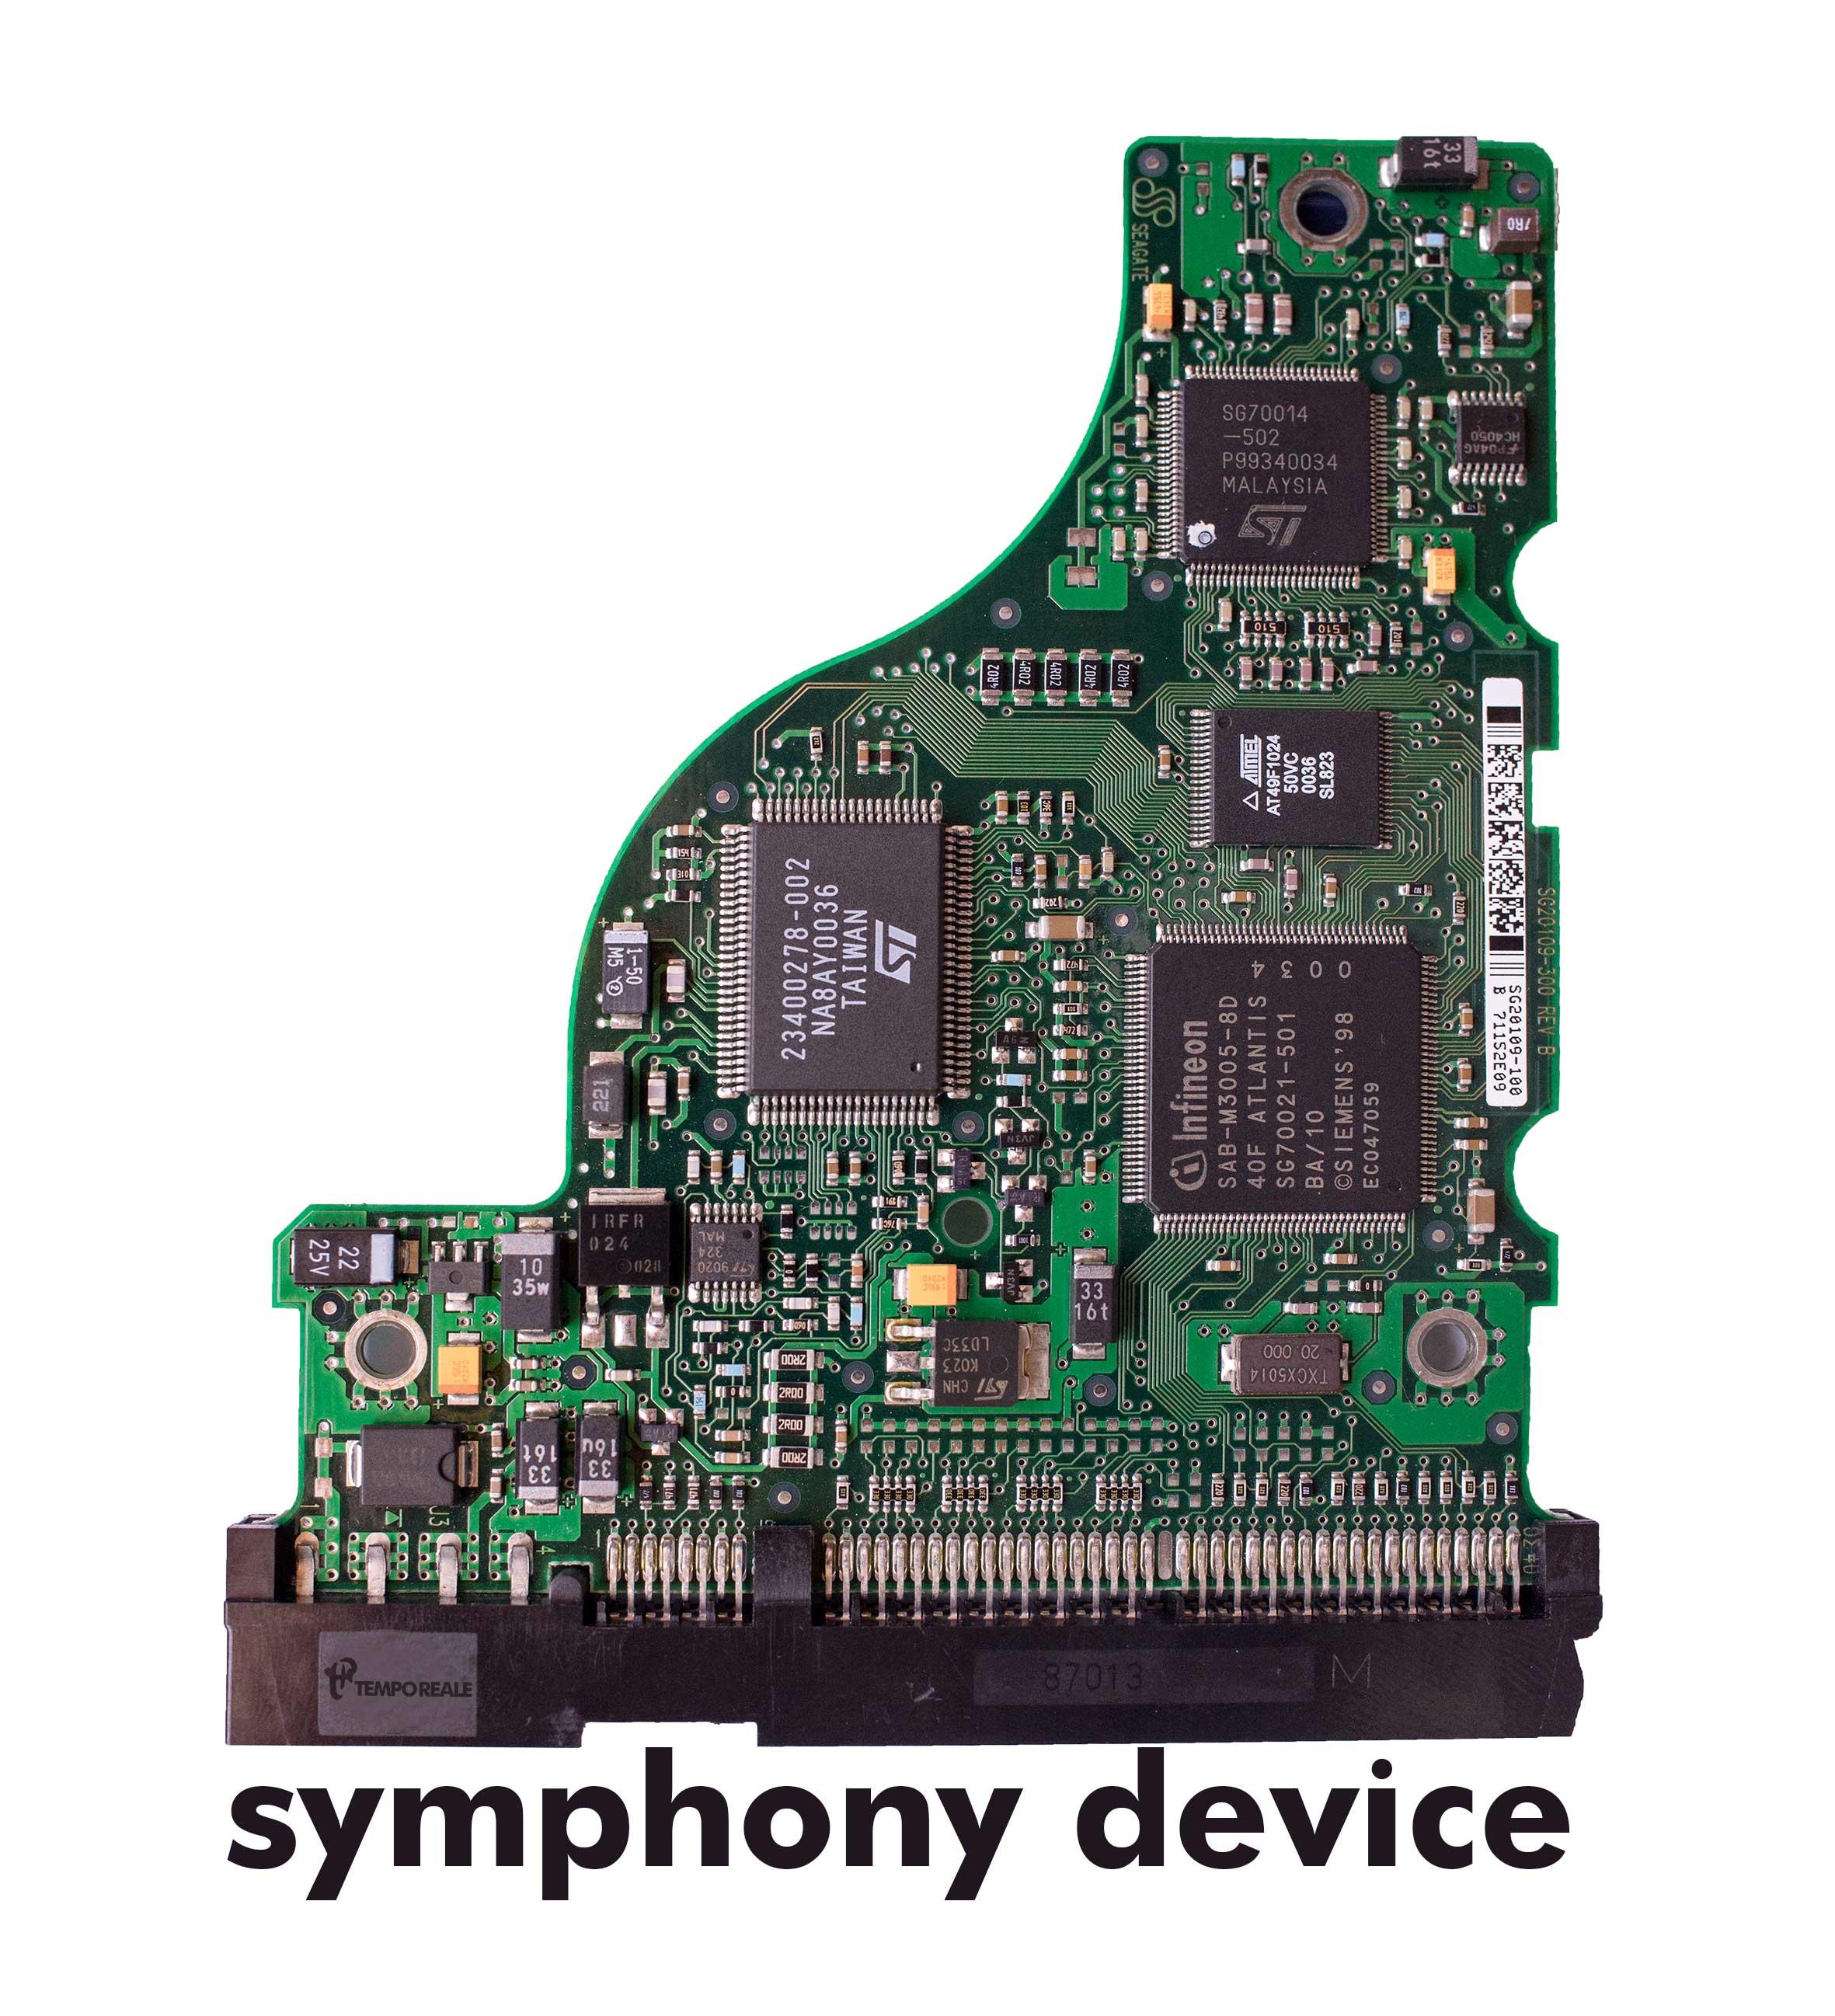 images/logo_symphonydevice.jpg